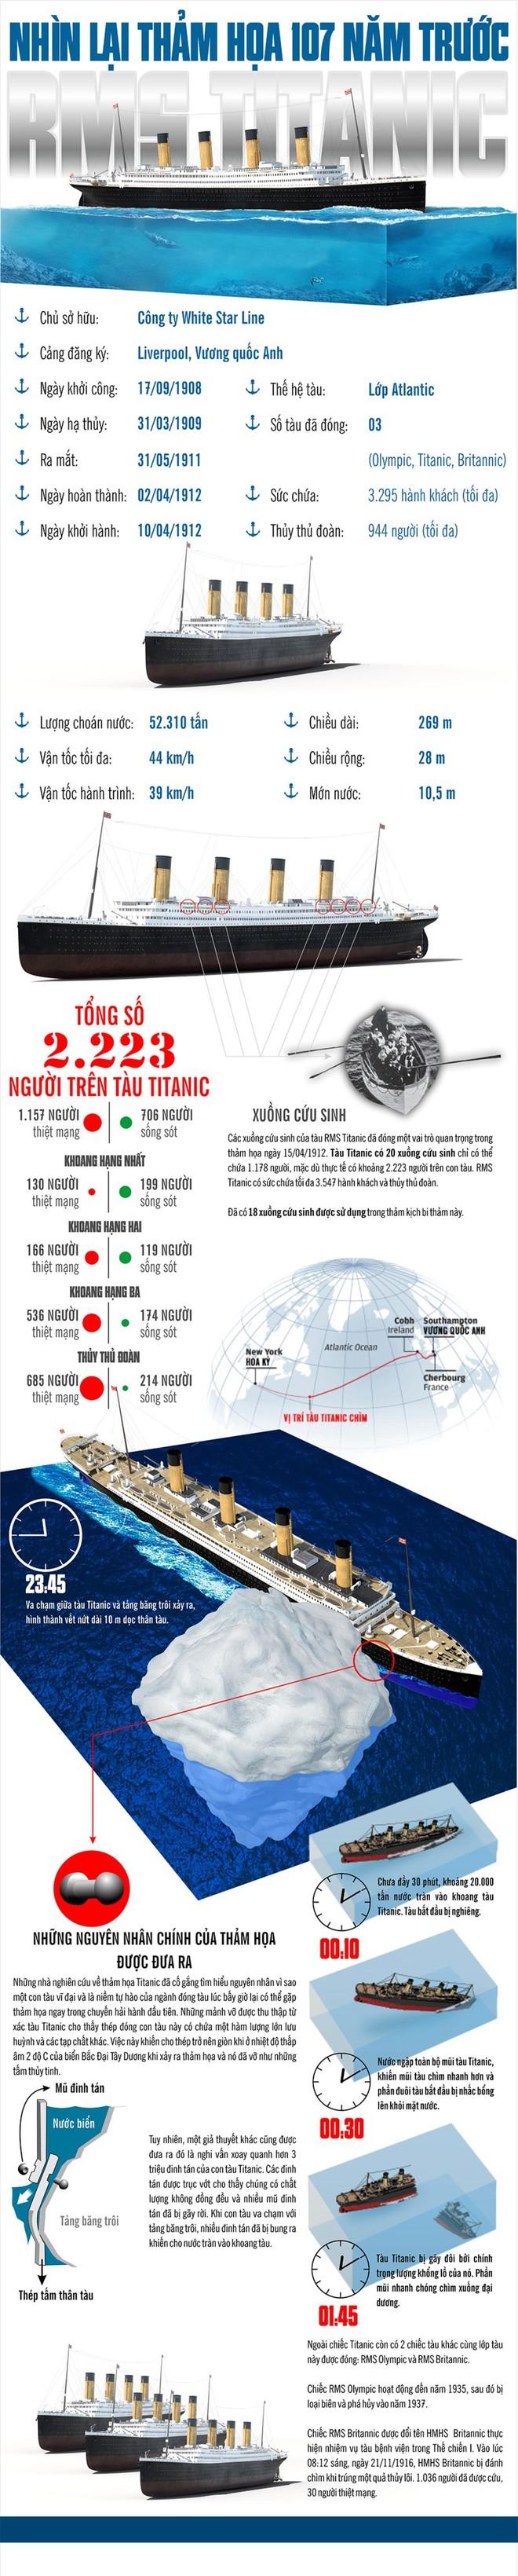 Infographic: Nhìn lại thảm họa tàu Titanic 107 năm trước - Ảnh 1.